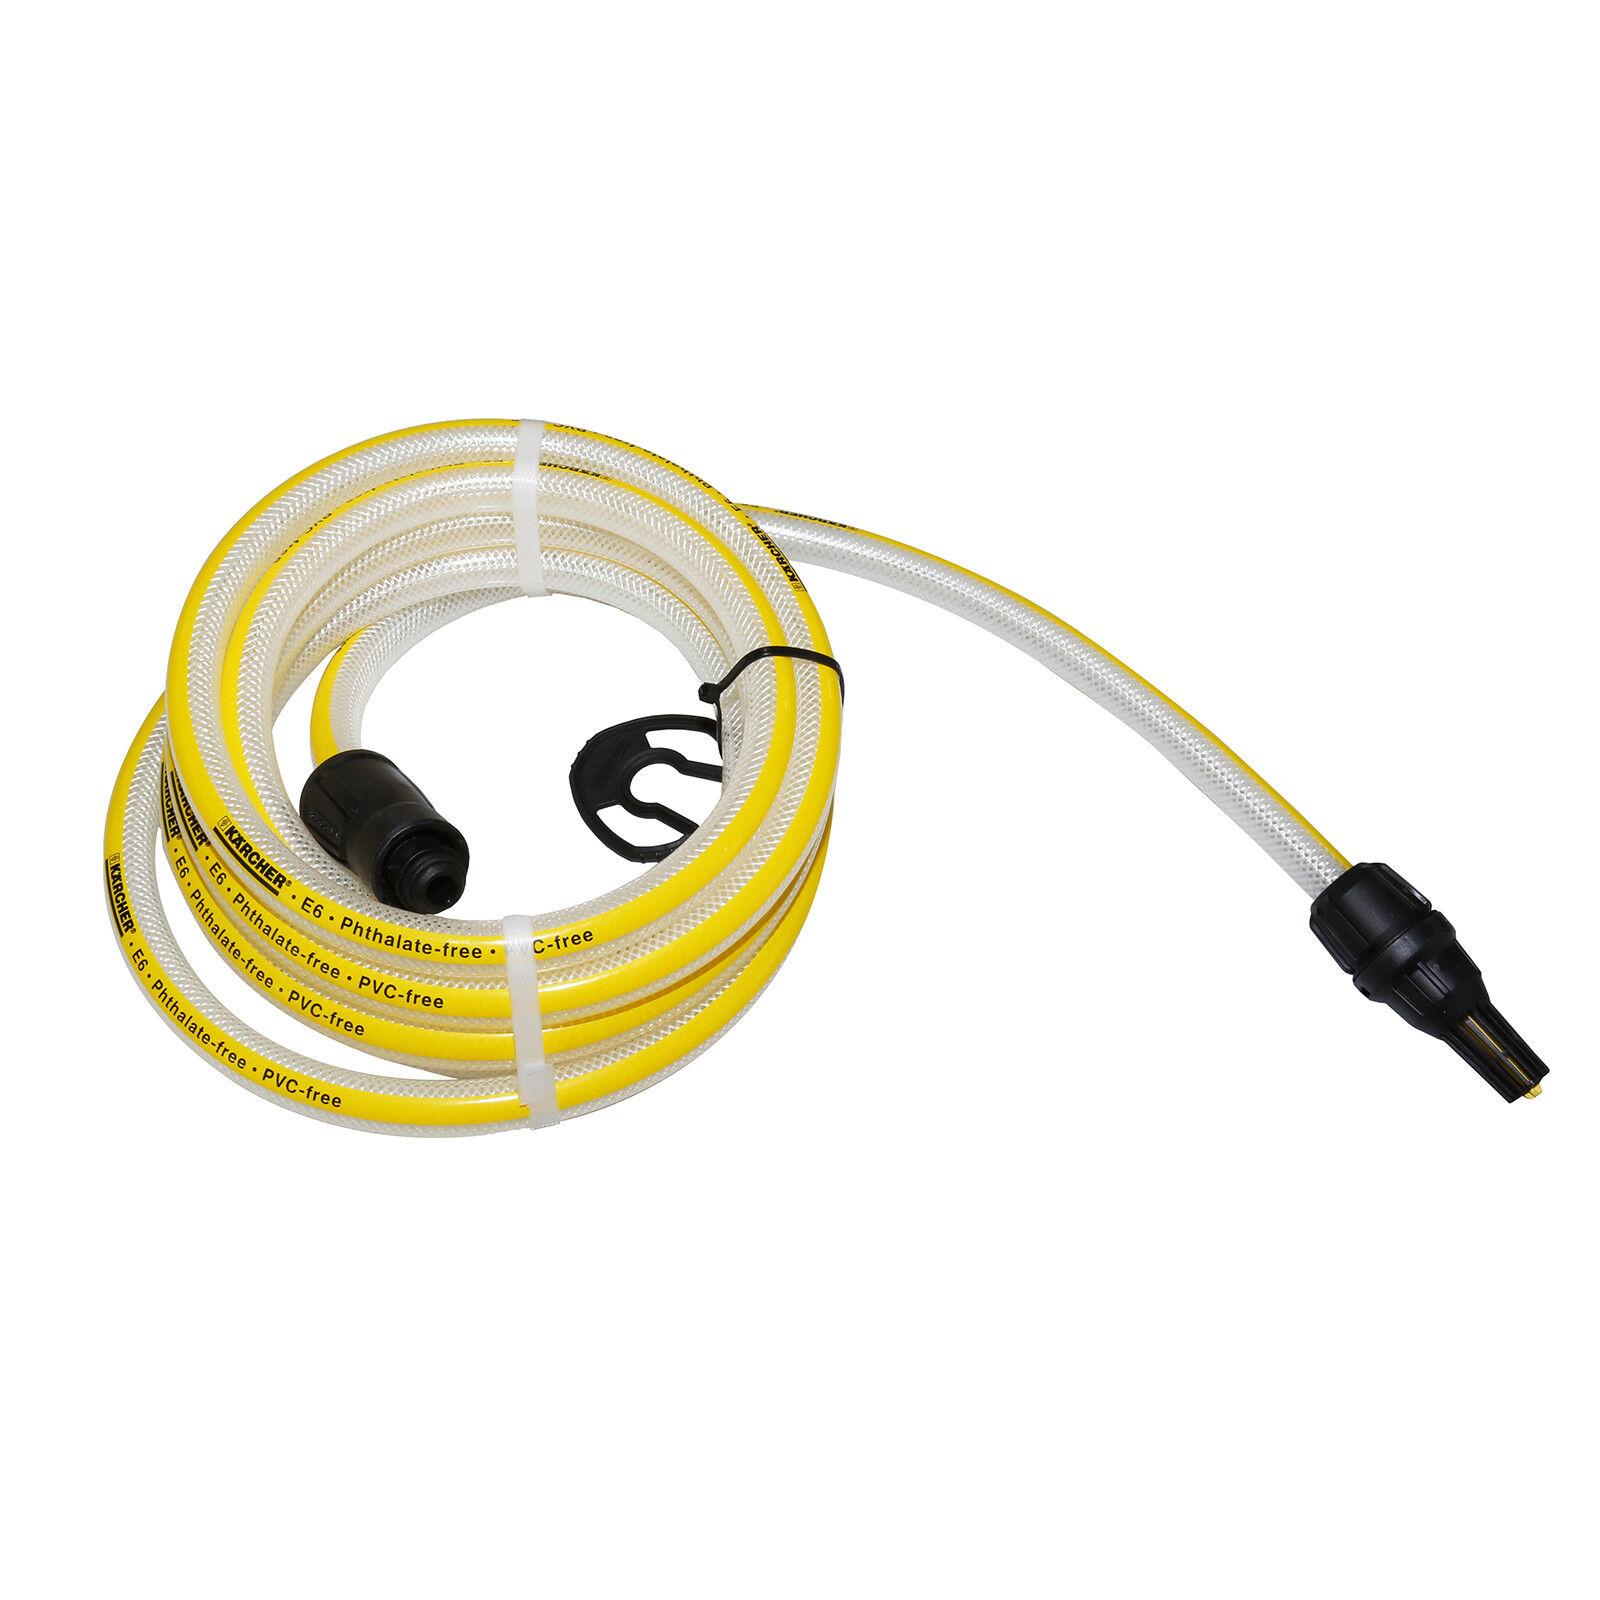 5M//10M High Pressure Water Cleaning Hose For Karcher K1 K2 K3 K4 K5 K6 K7 Series